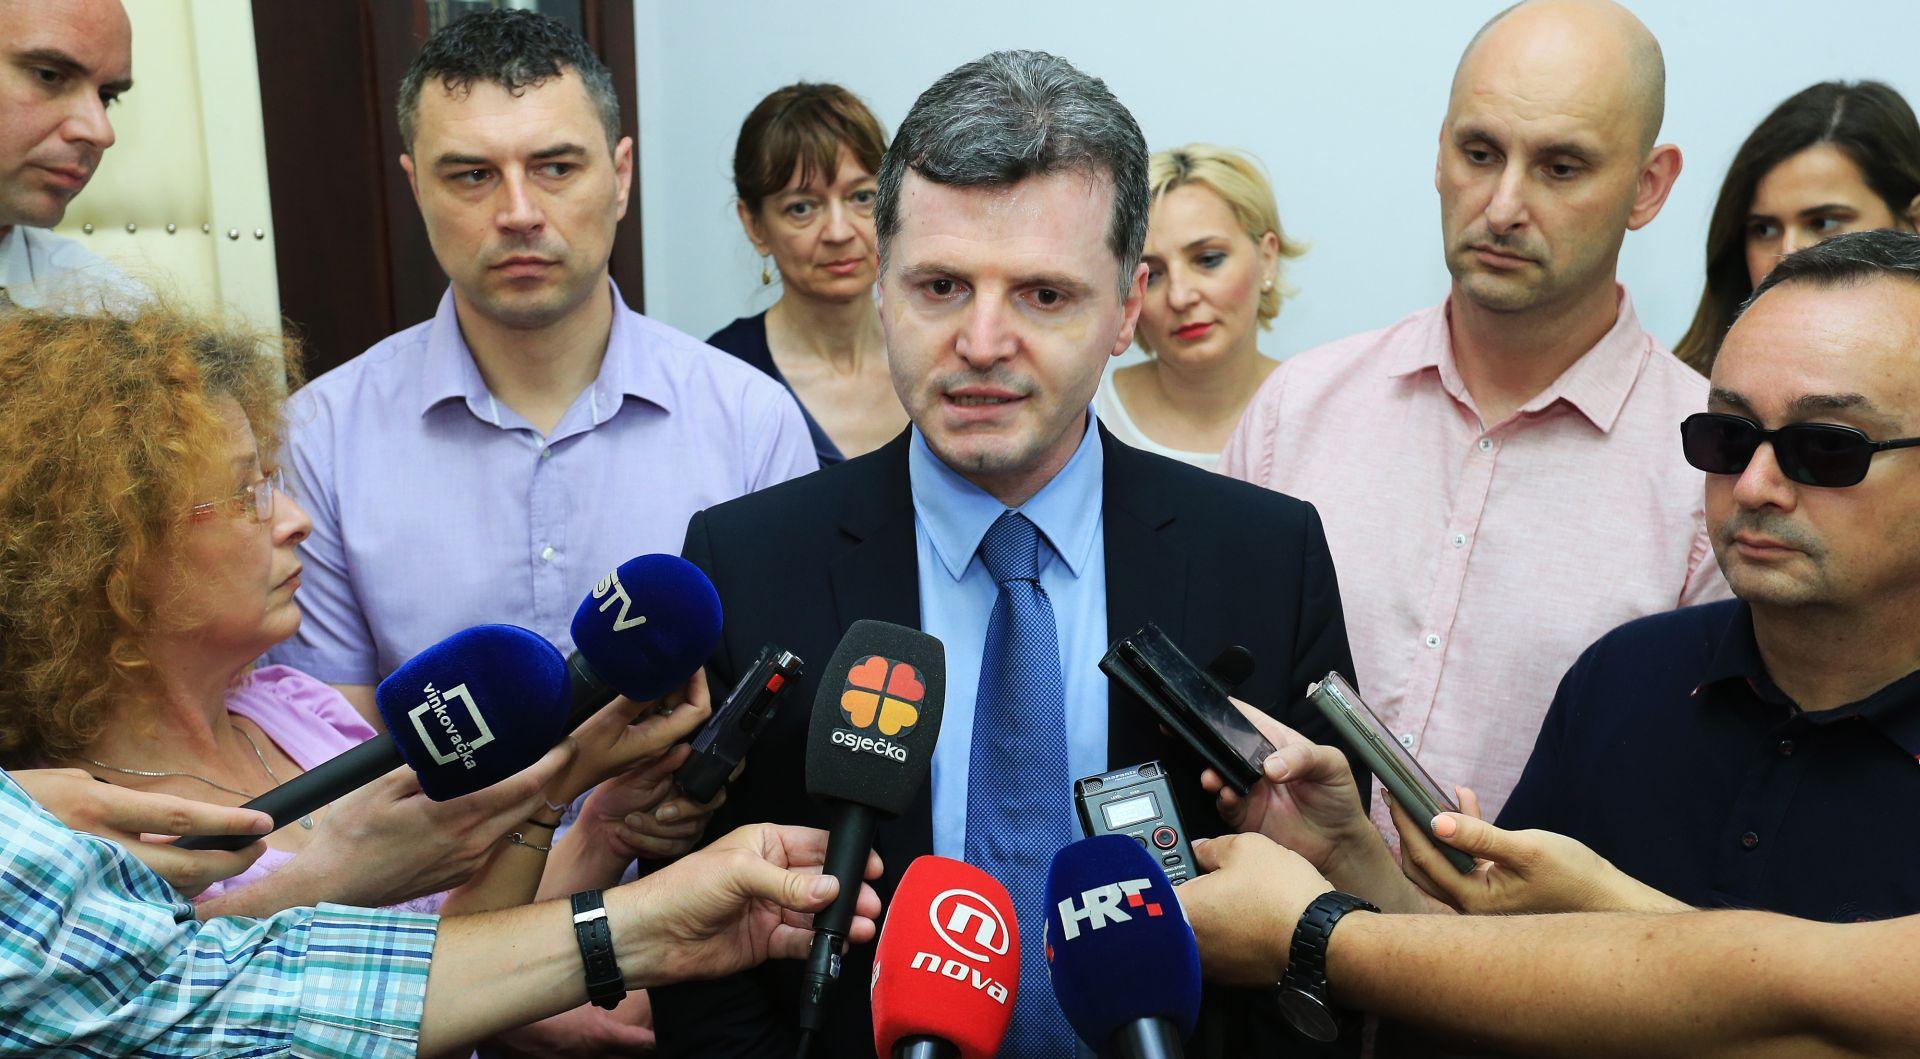 Ministri Nakić i Tolušić u osječkom KBC-u: Sva šteta bit će sanirana